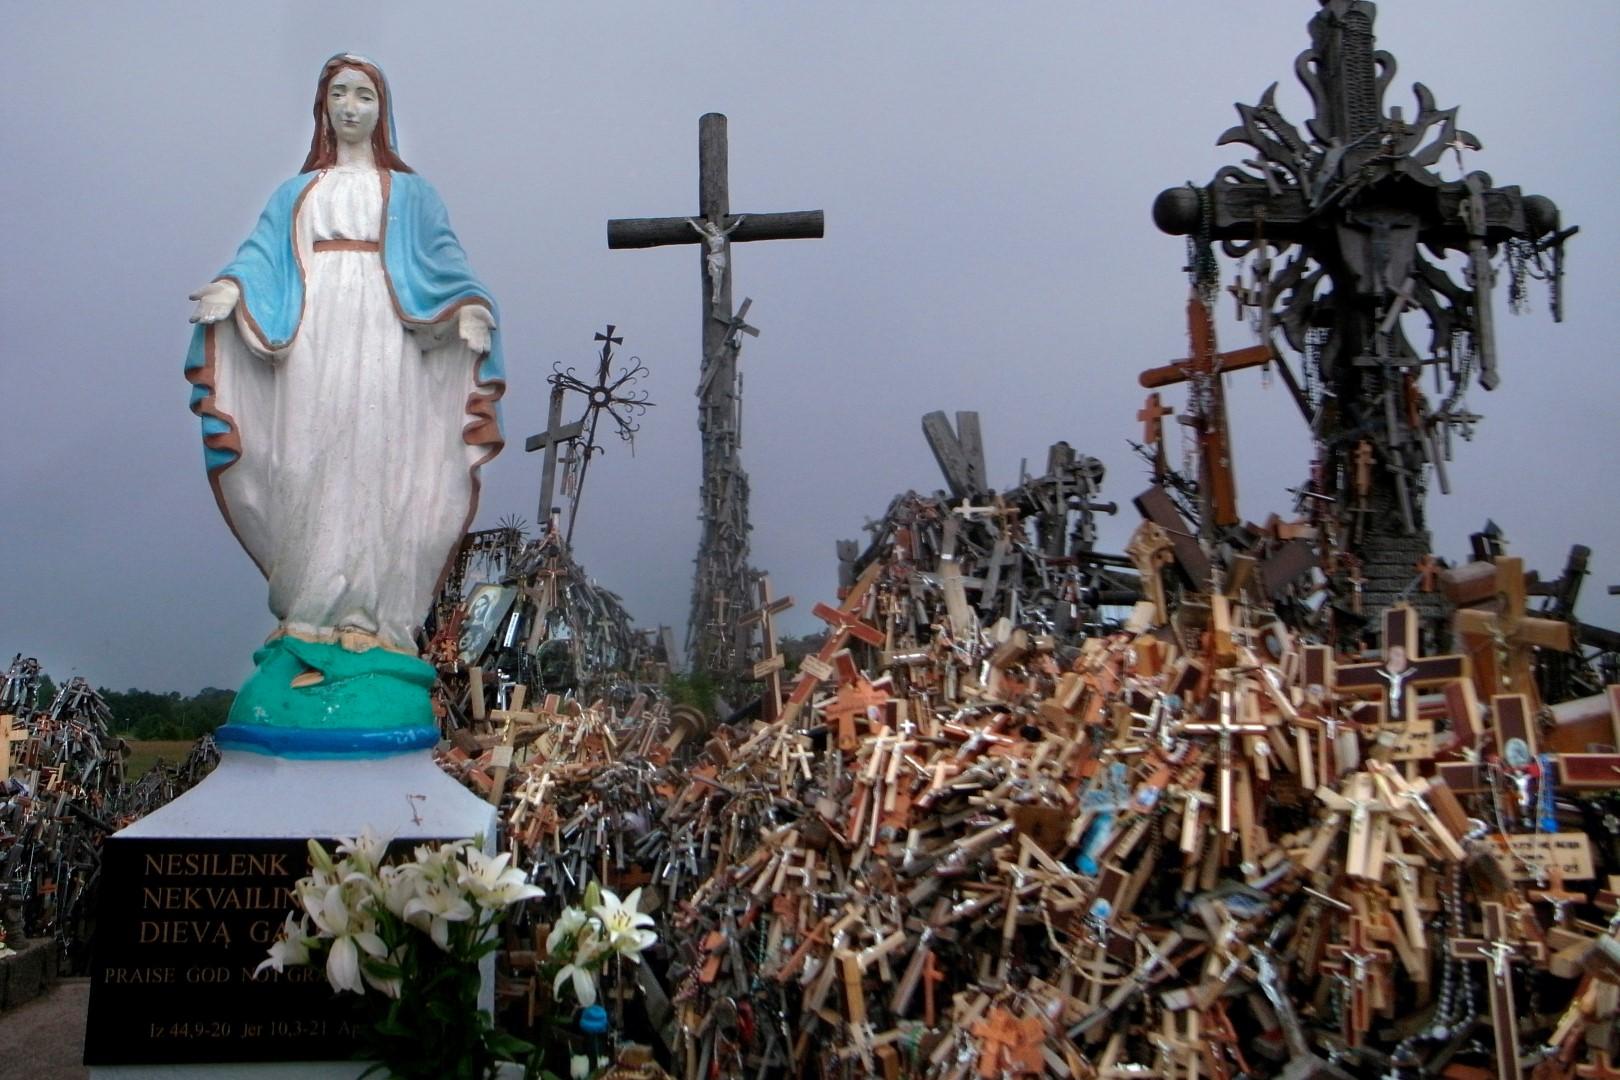 Fotó: Erdei Krisztina, Keresztek hegye, Litvánia [Antiglamour 64 (sorozat)] I Hill of Crosses, Lithuania [Antiglamour 64 (series)], 2011 © Erdei Krisztina